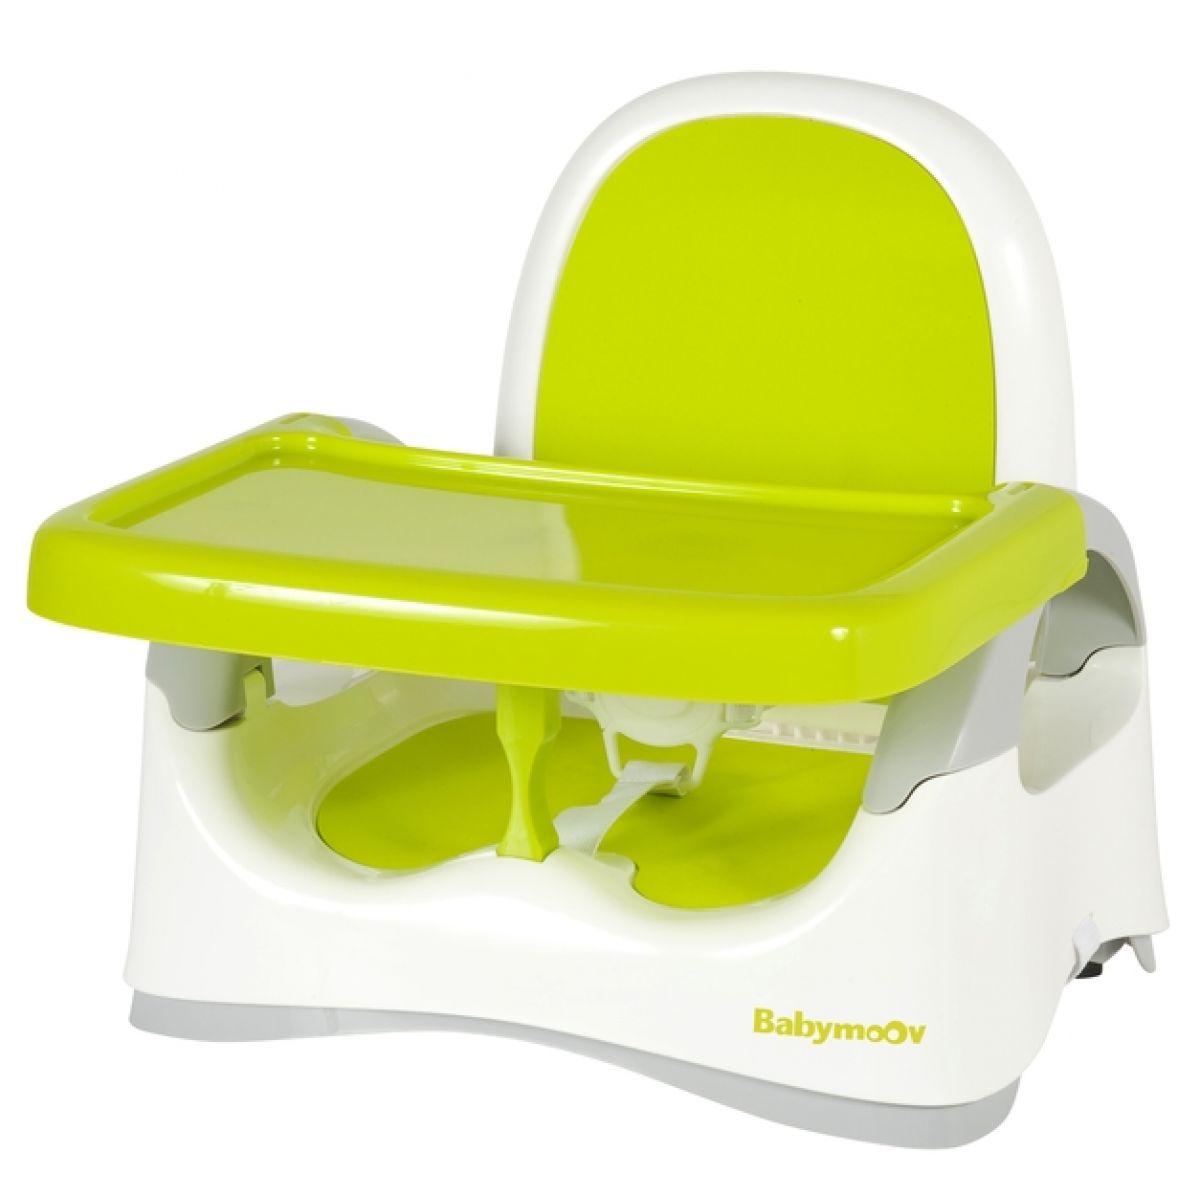 Plastová přenosná židlička Compact Seat Babymoov 009003